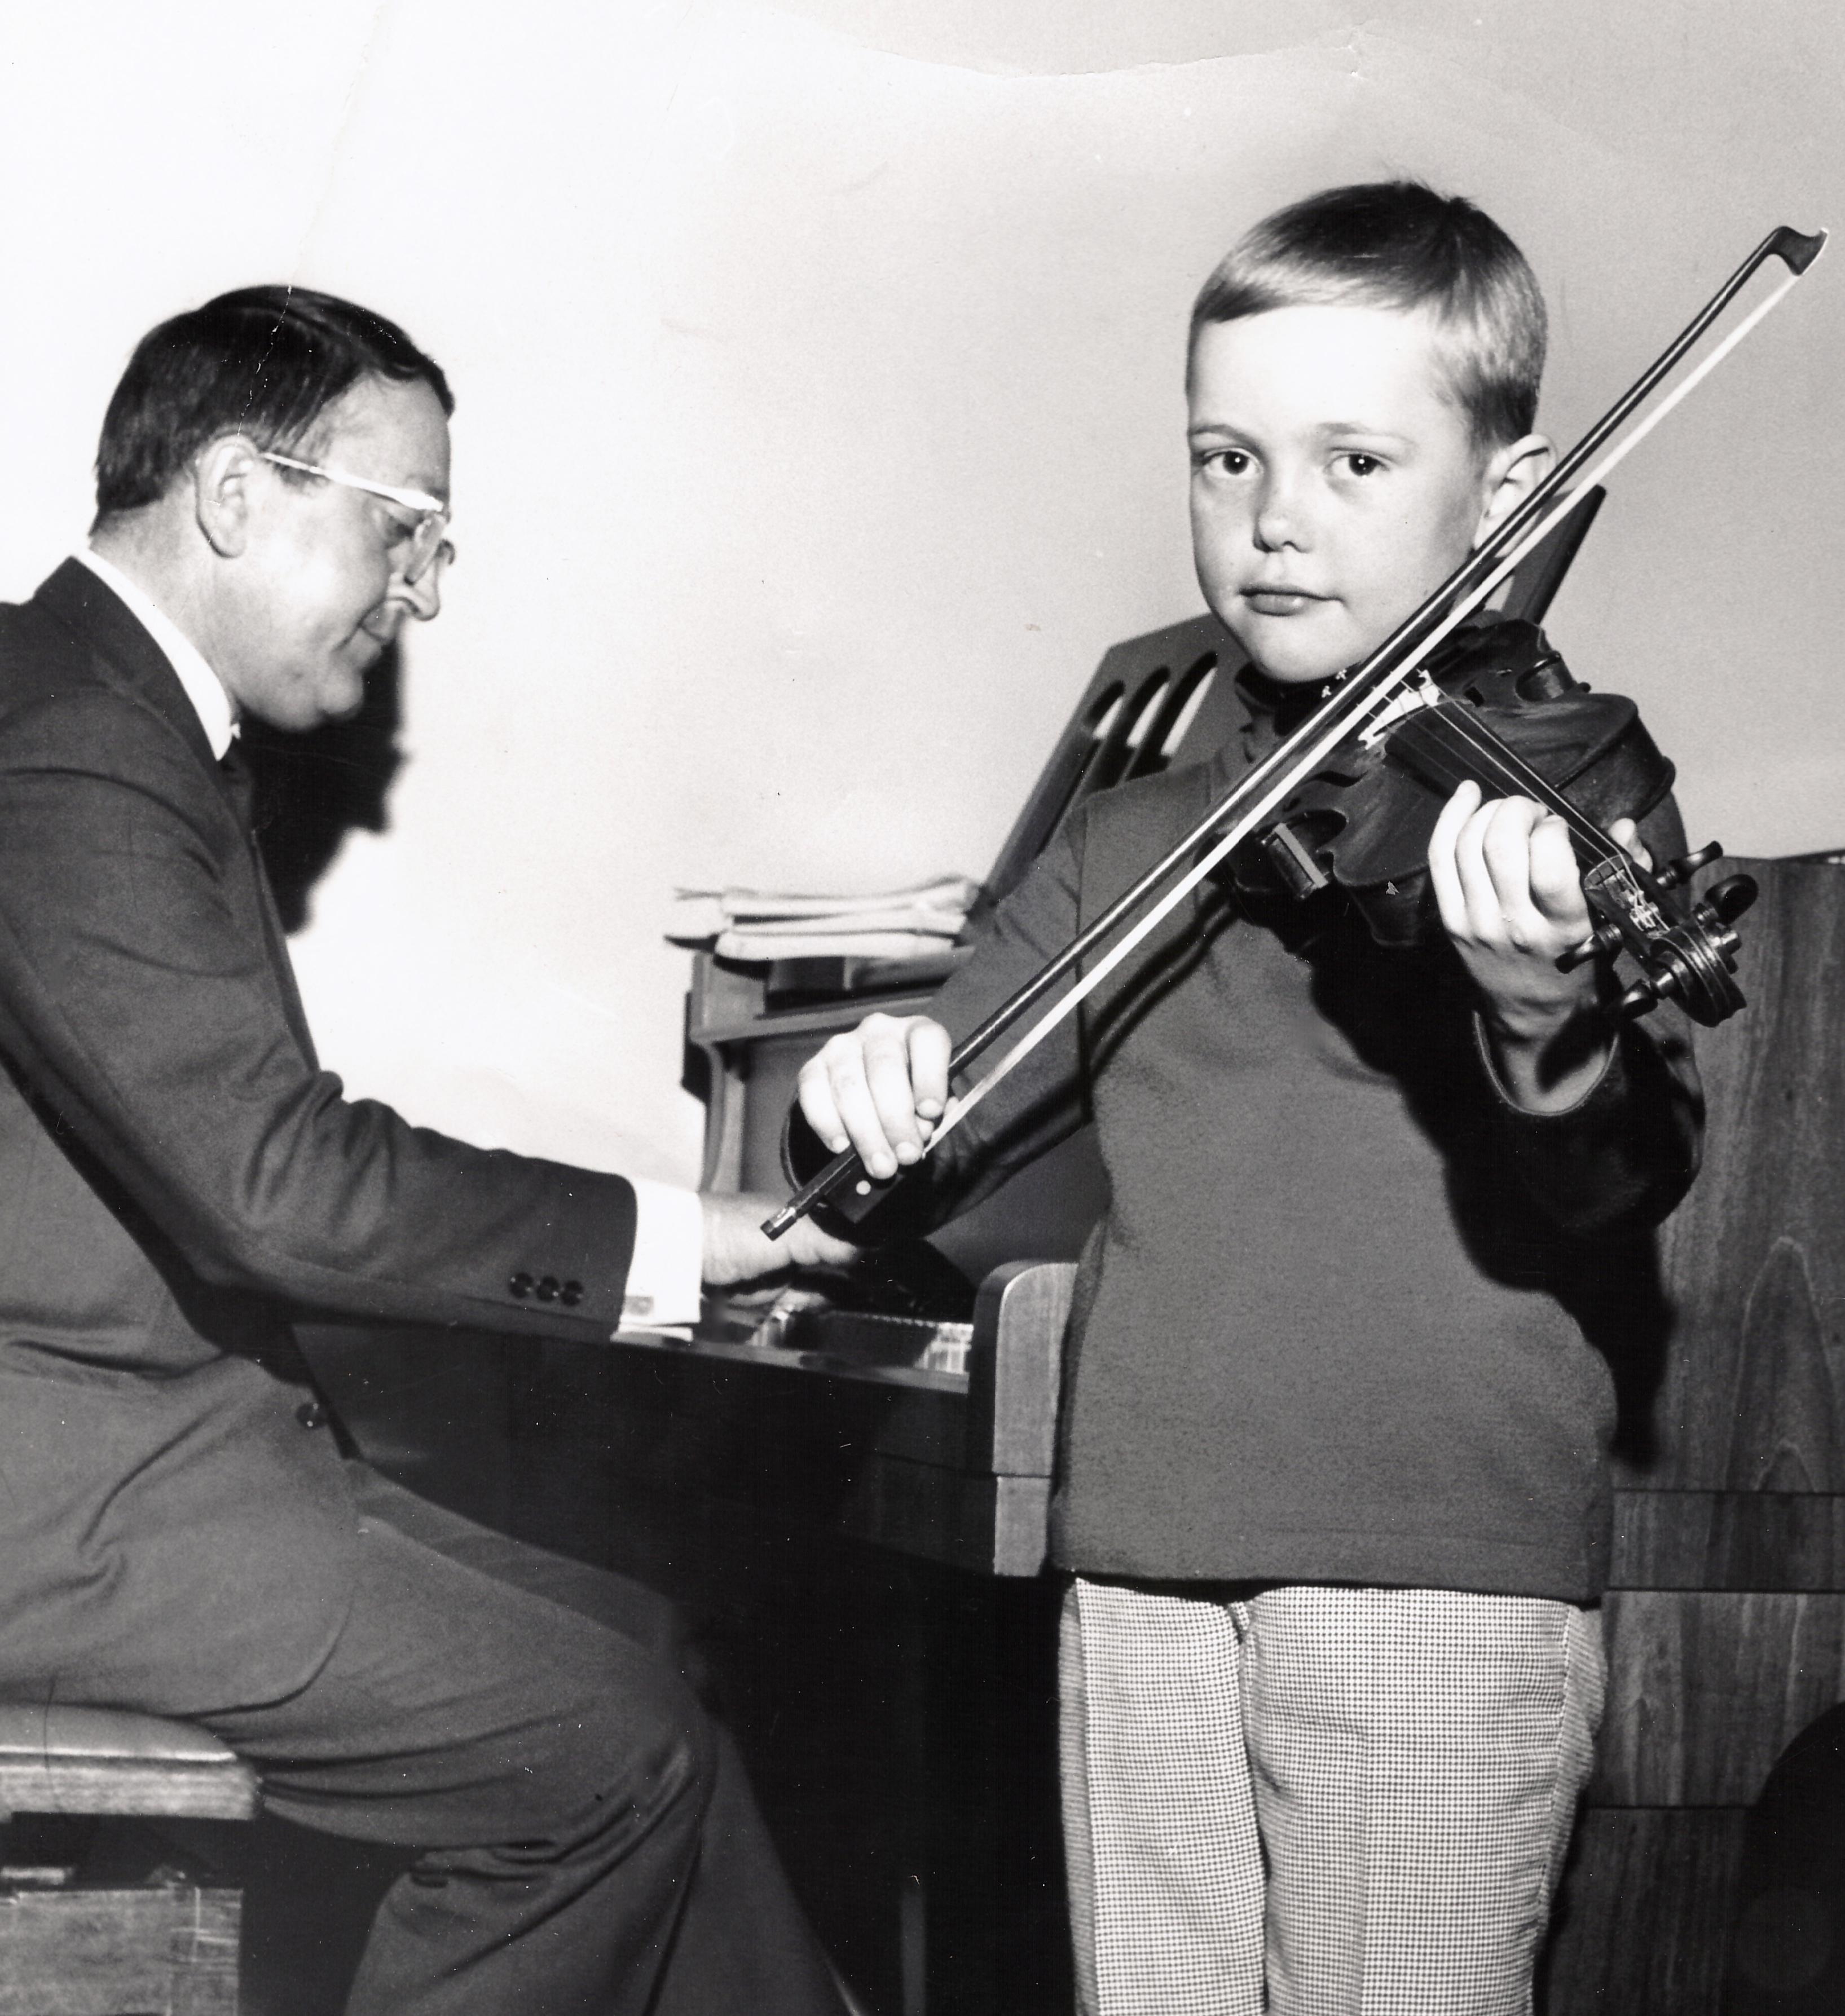 Pappa Gunnar & Magnus